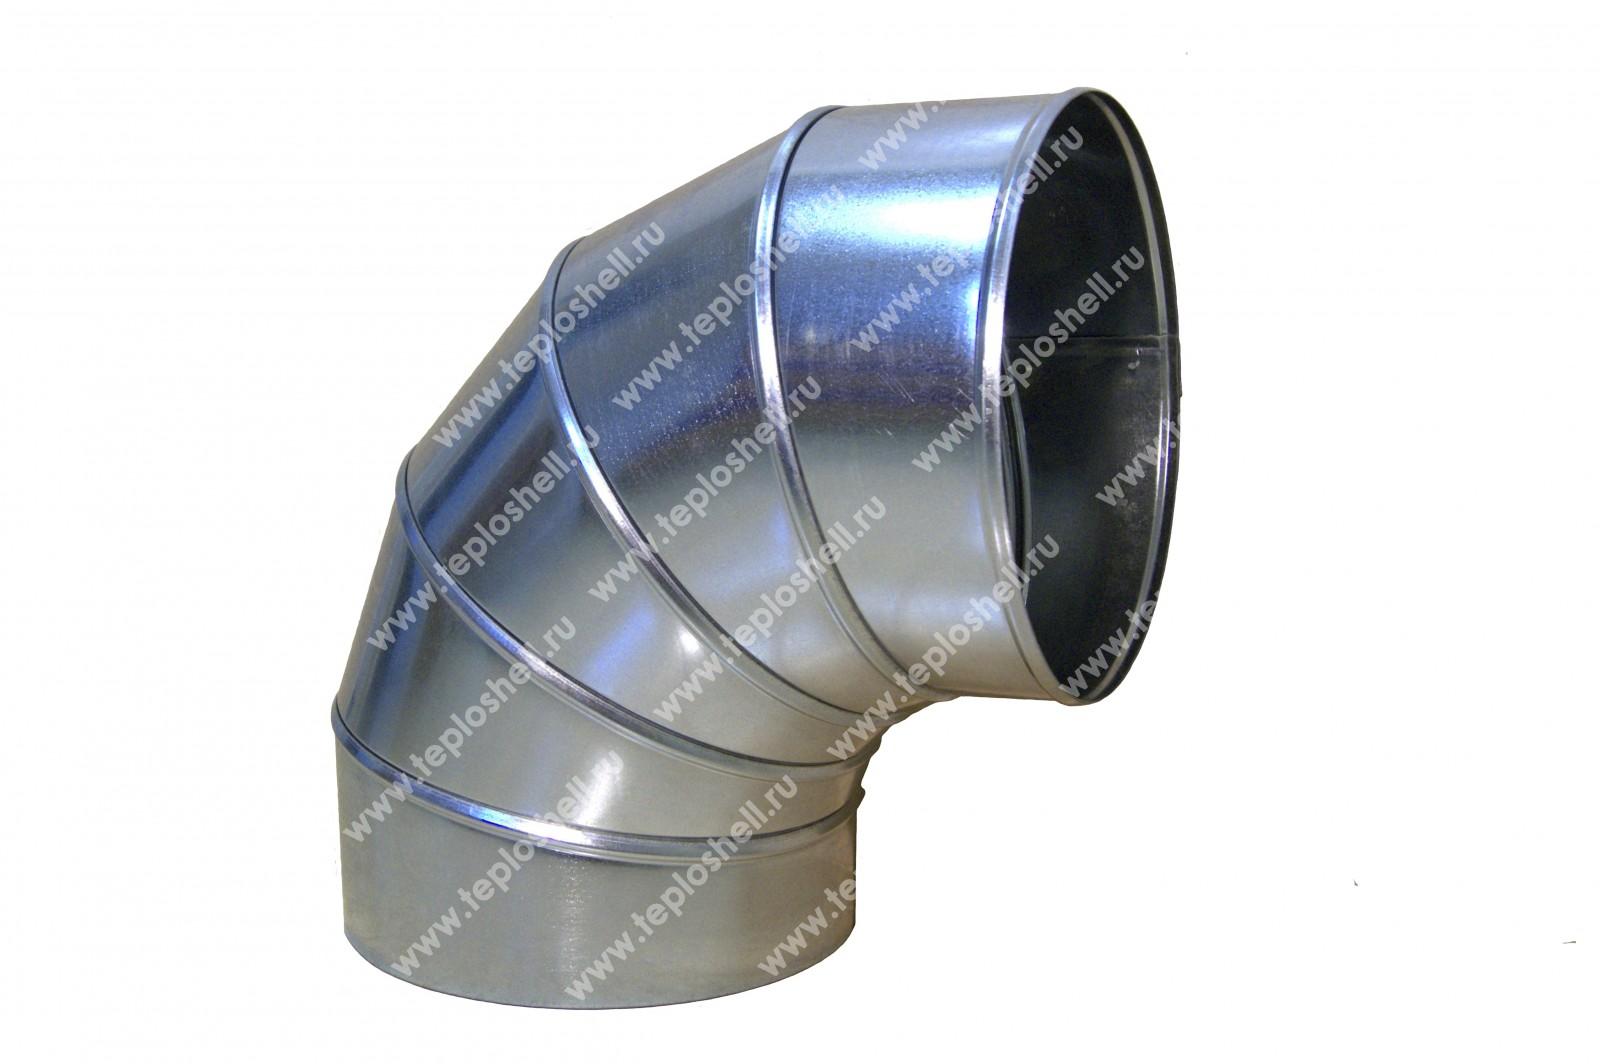 Как сделать трубу из жести: как согнуть жестяную трубу, дымоход 51